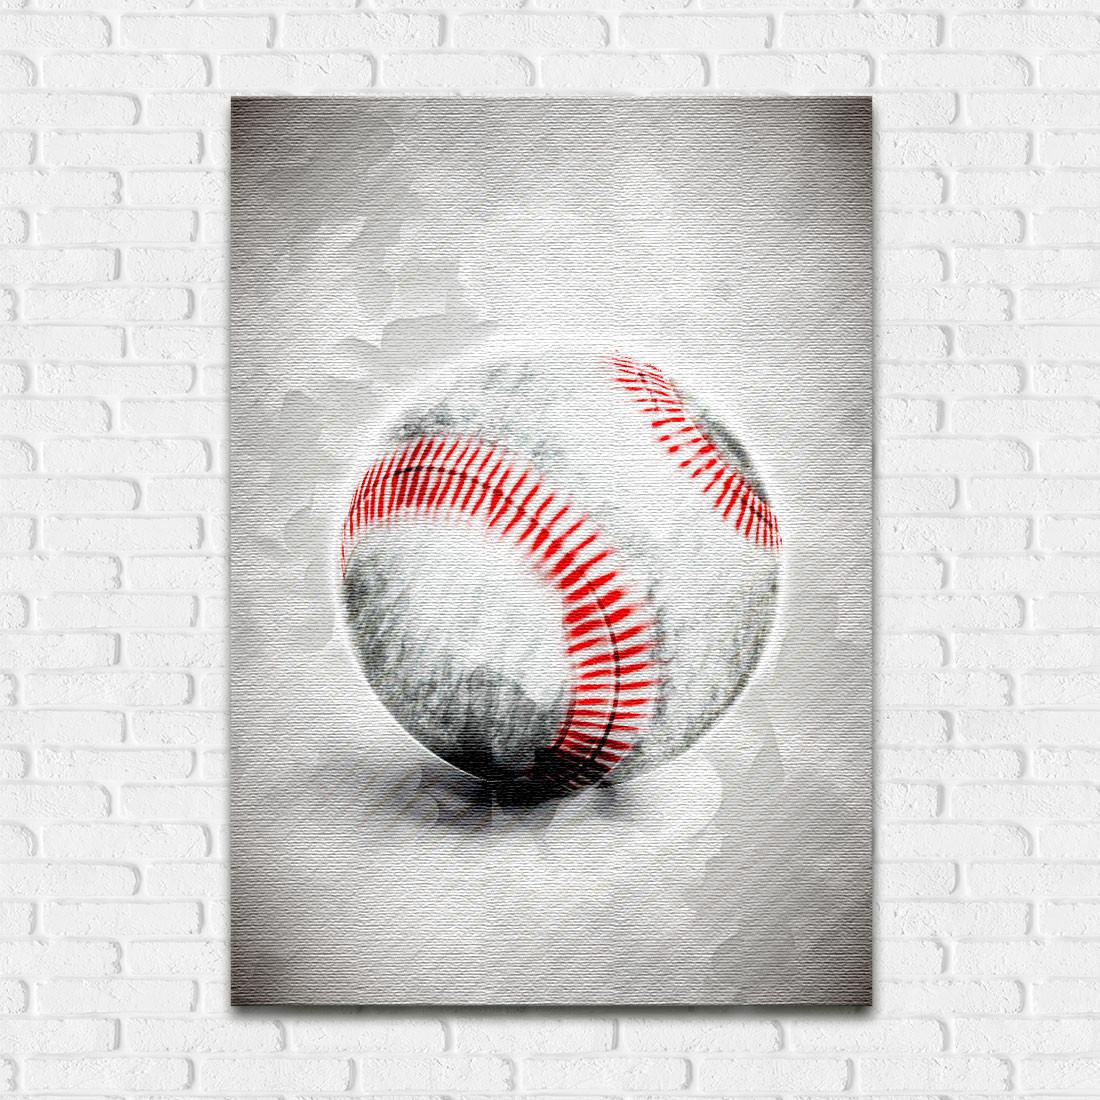 Quadro Decorativo Bola Beisebol Aquarela